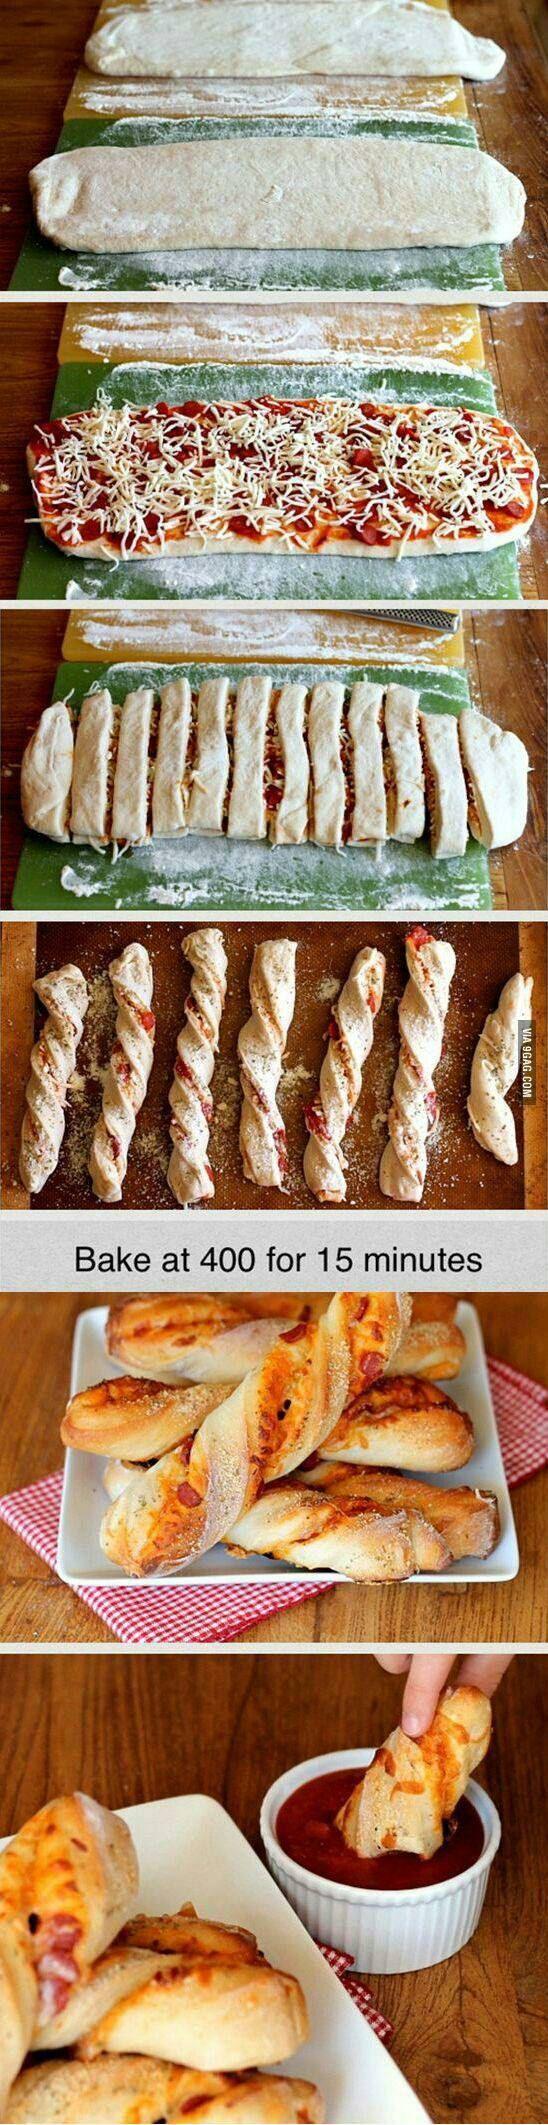 Make it. Eat it. Foodgasm. - 9GAG